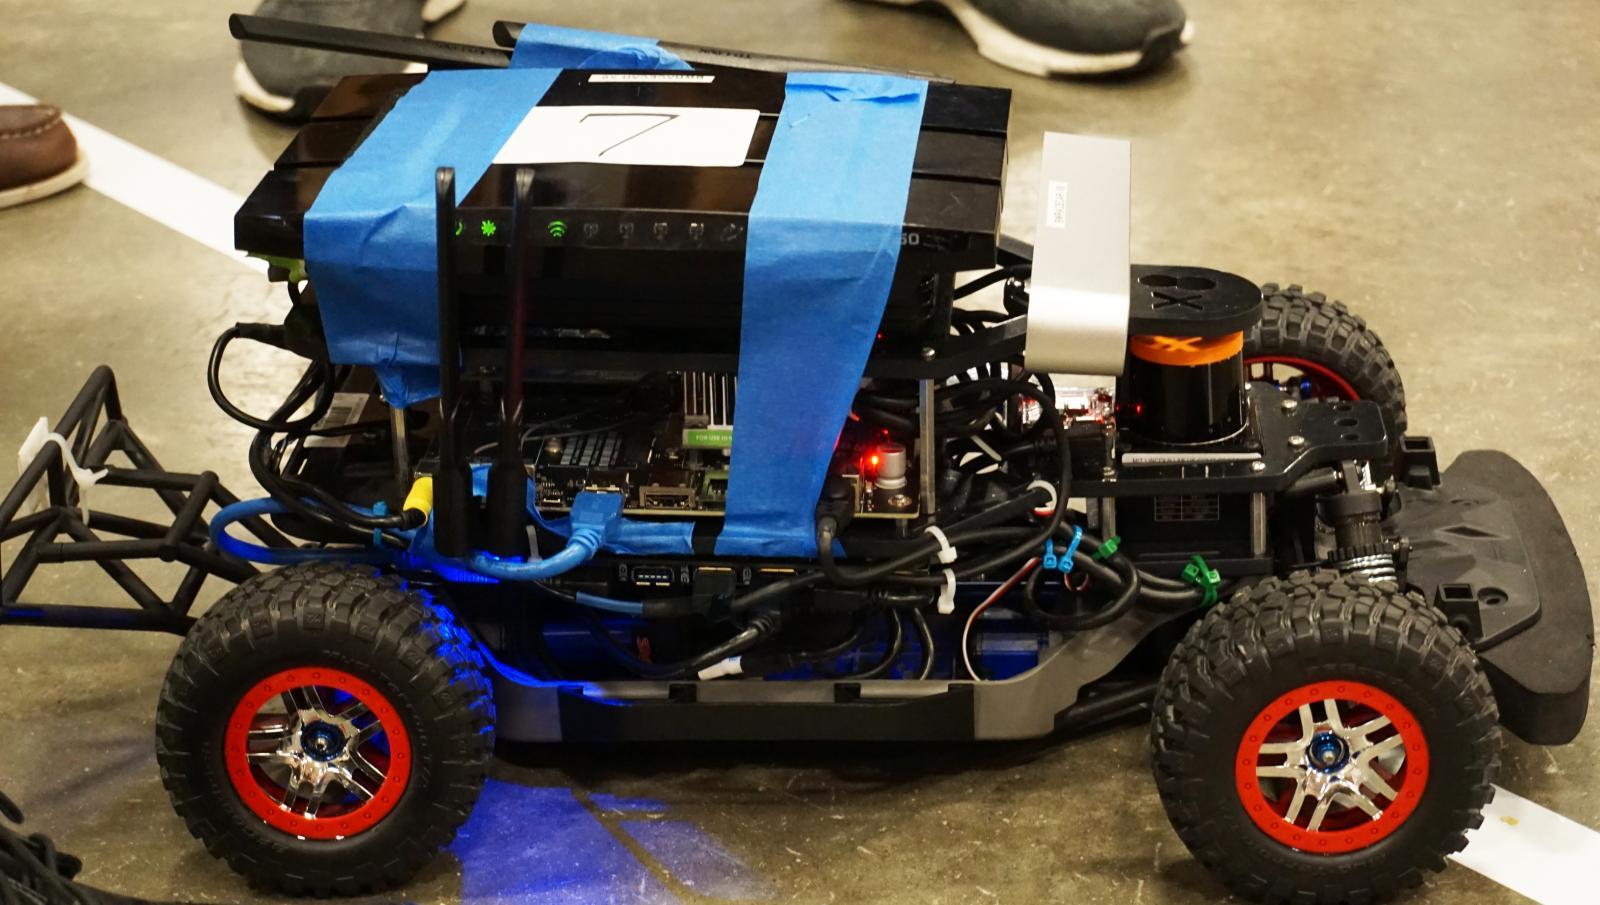 High school students engineer autonomous race cars, cognitive